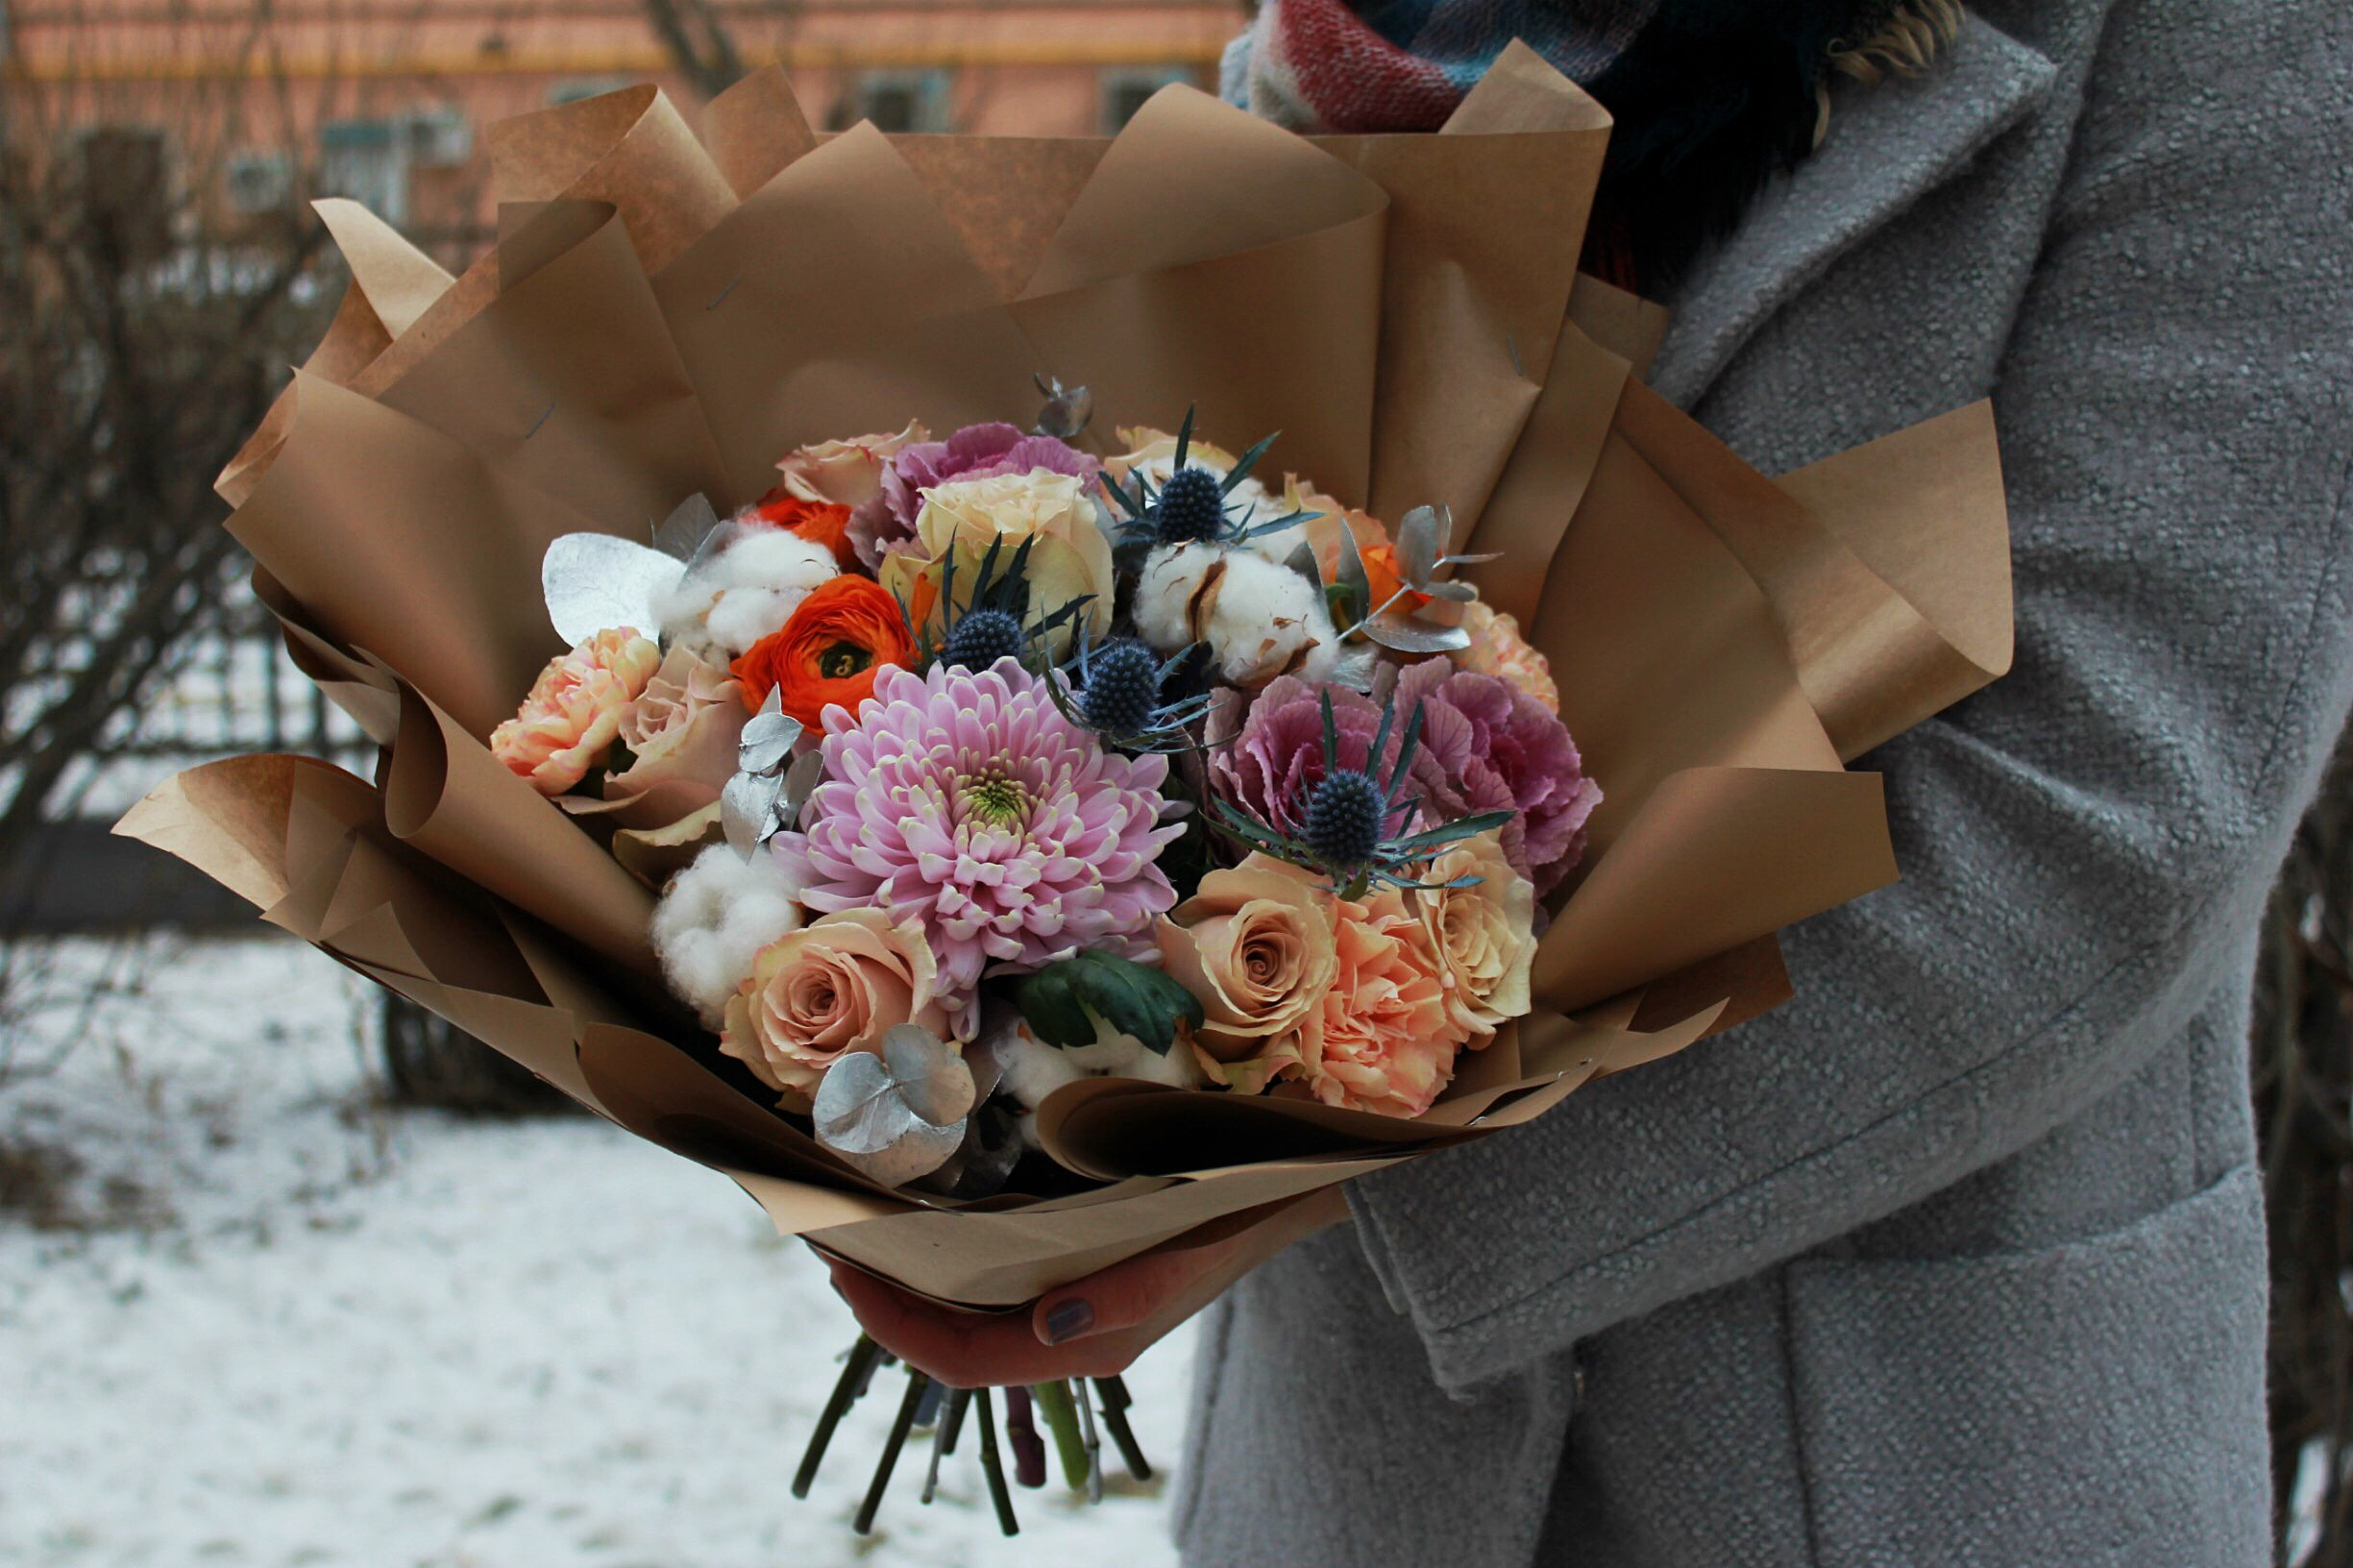 Ирис магазин цветы екатеринбург, букет на свадьбу висящий